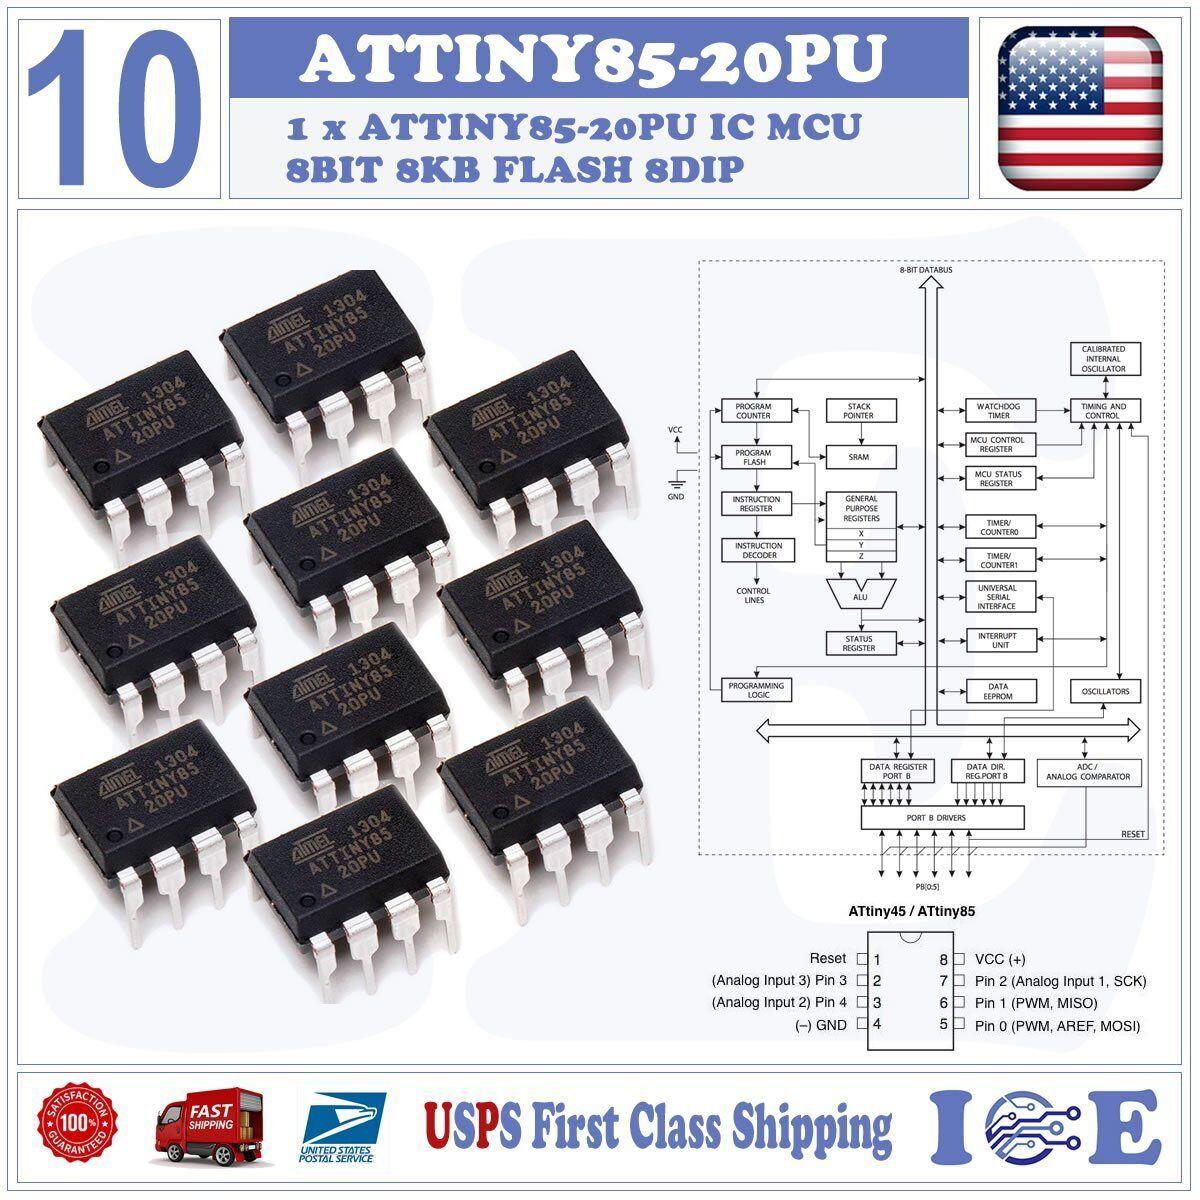 1PC ATTINY85-20PU IC MCU 8BIT 8KB FLASH 8DIP Top ATTINY85